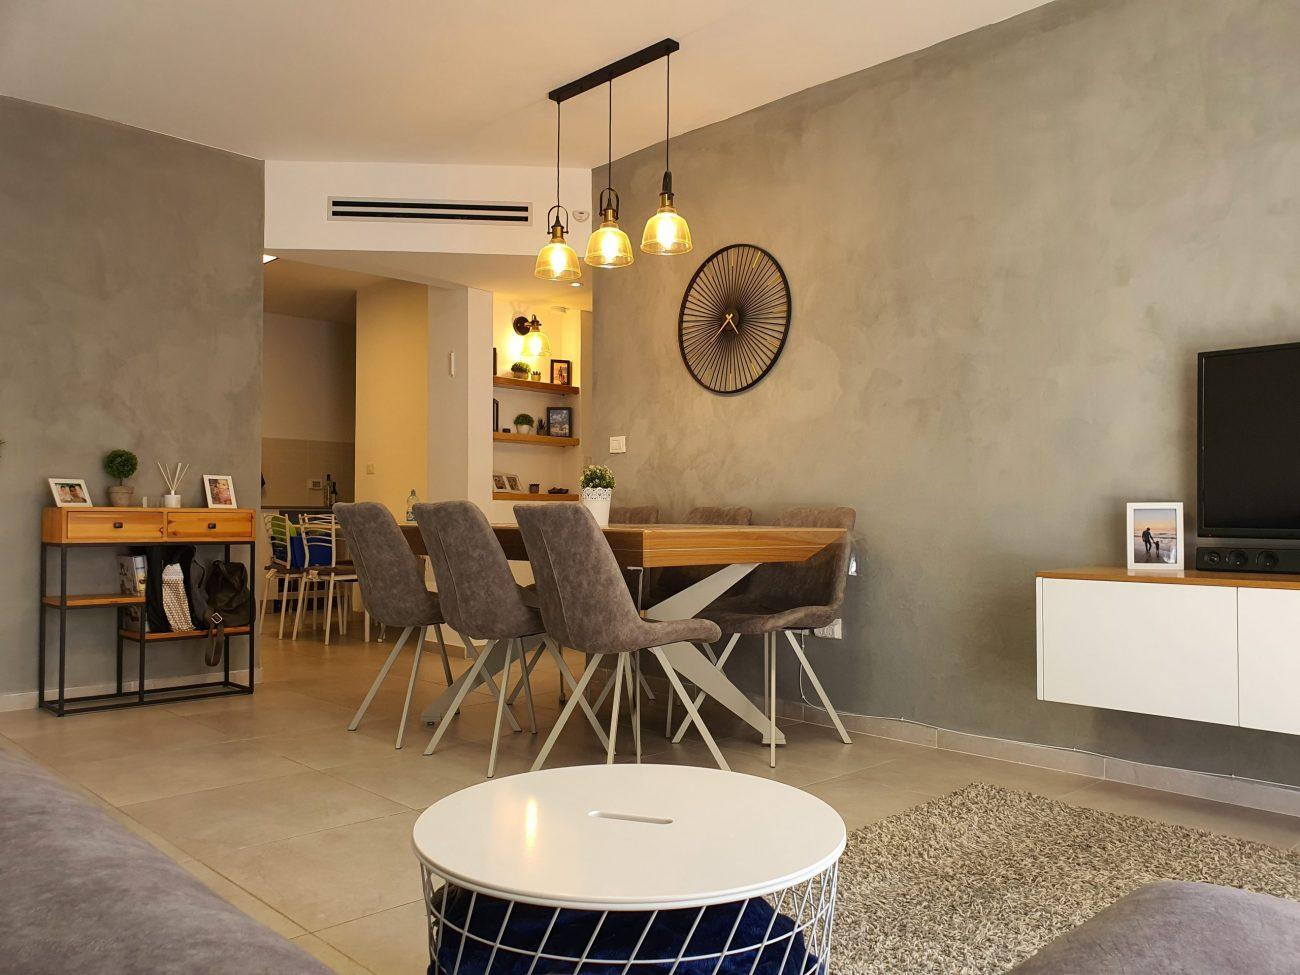 דירת 4 חדרים מעוצבת במיקום מדהים